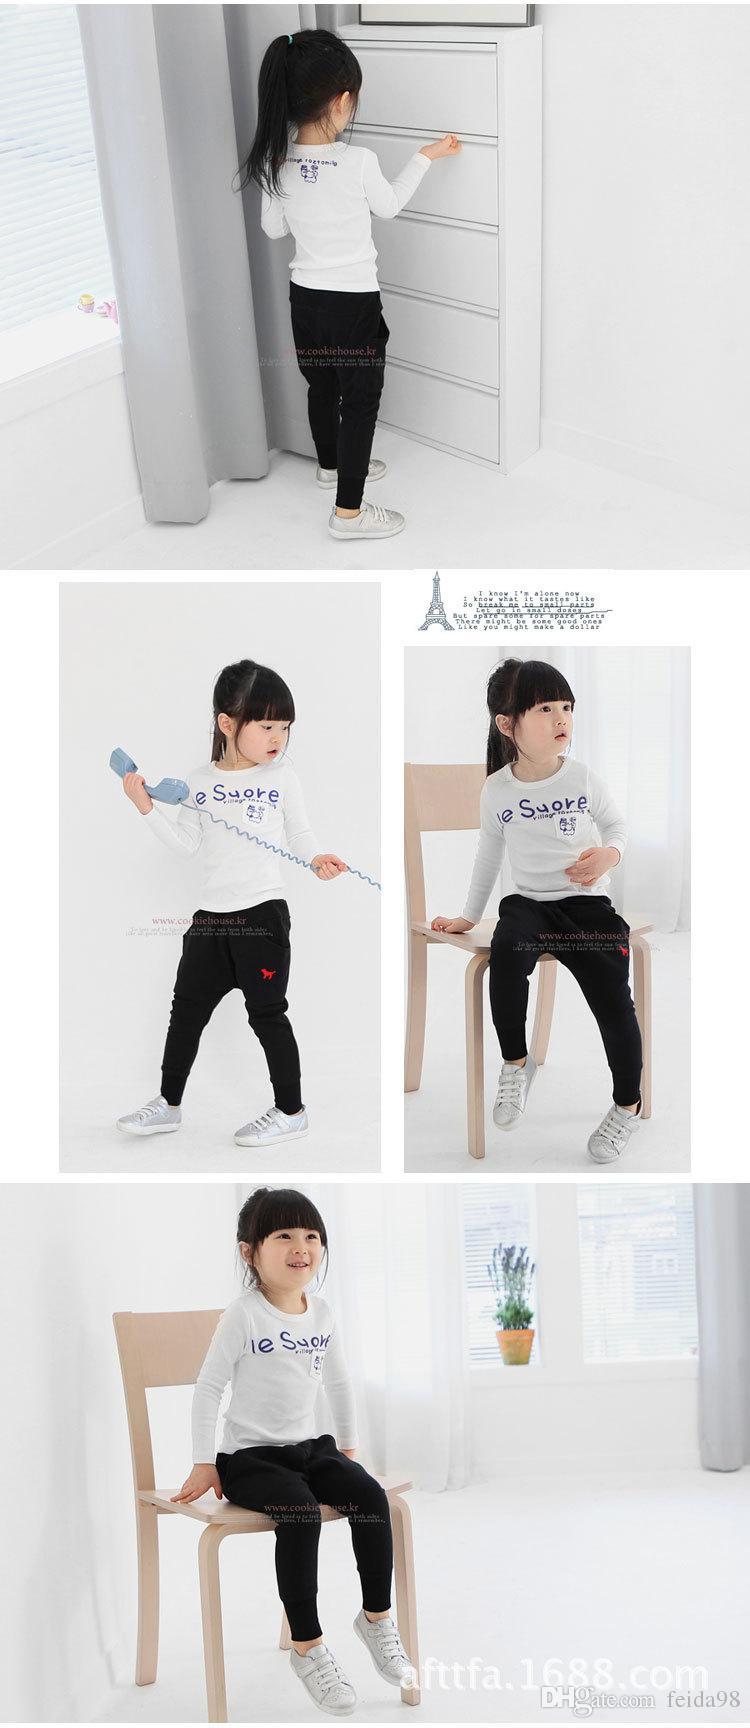 All'ingrosso -2016 nuova versione coreana di primavera e autunno abbigliamento bambini casuali harem pantaloni cucciolo ricamo pantaloni lunghi